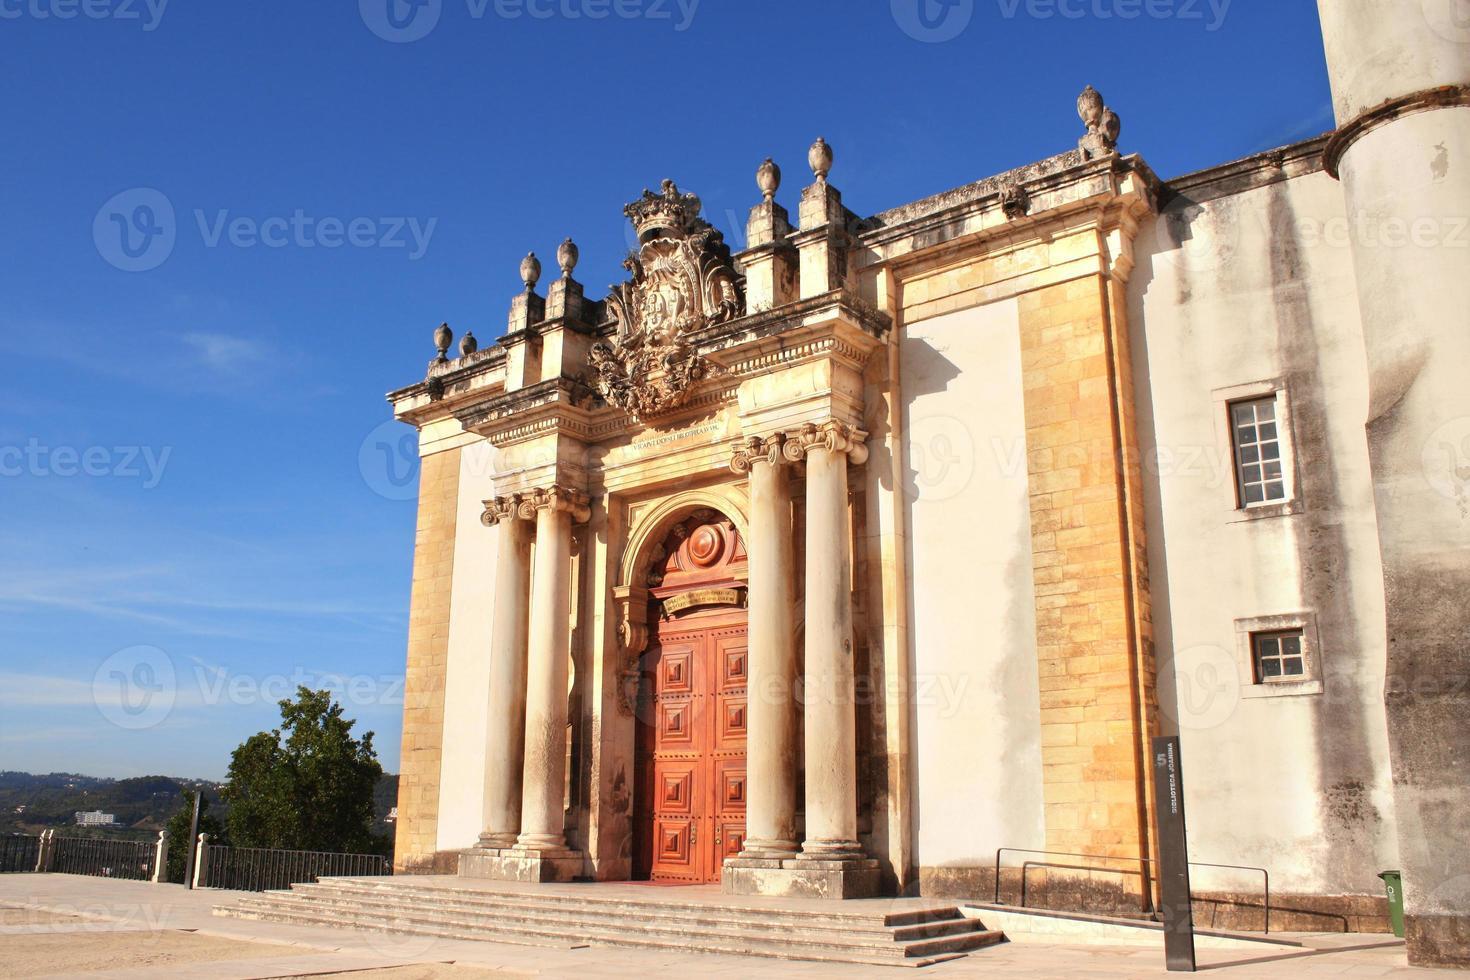 ingresso della biblioteca joanina, università di coimbra, portogallo foto